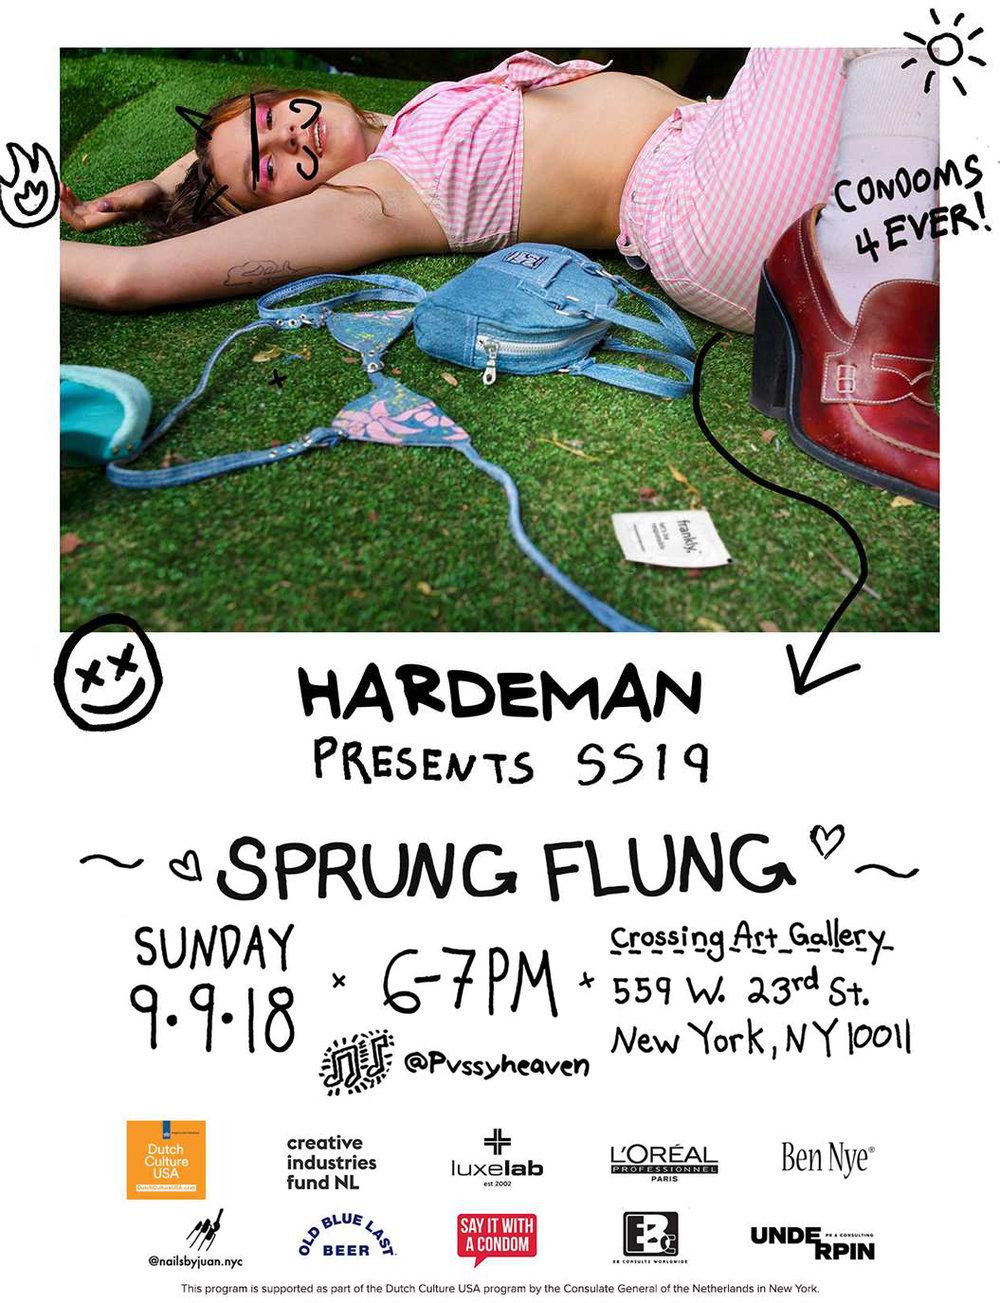 HardemanSS19+Invite_UnderpinPR_.jpg